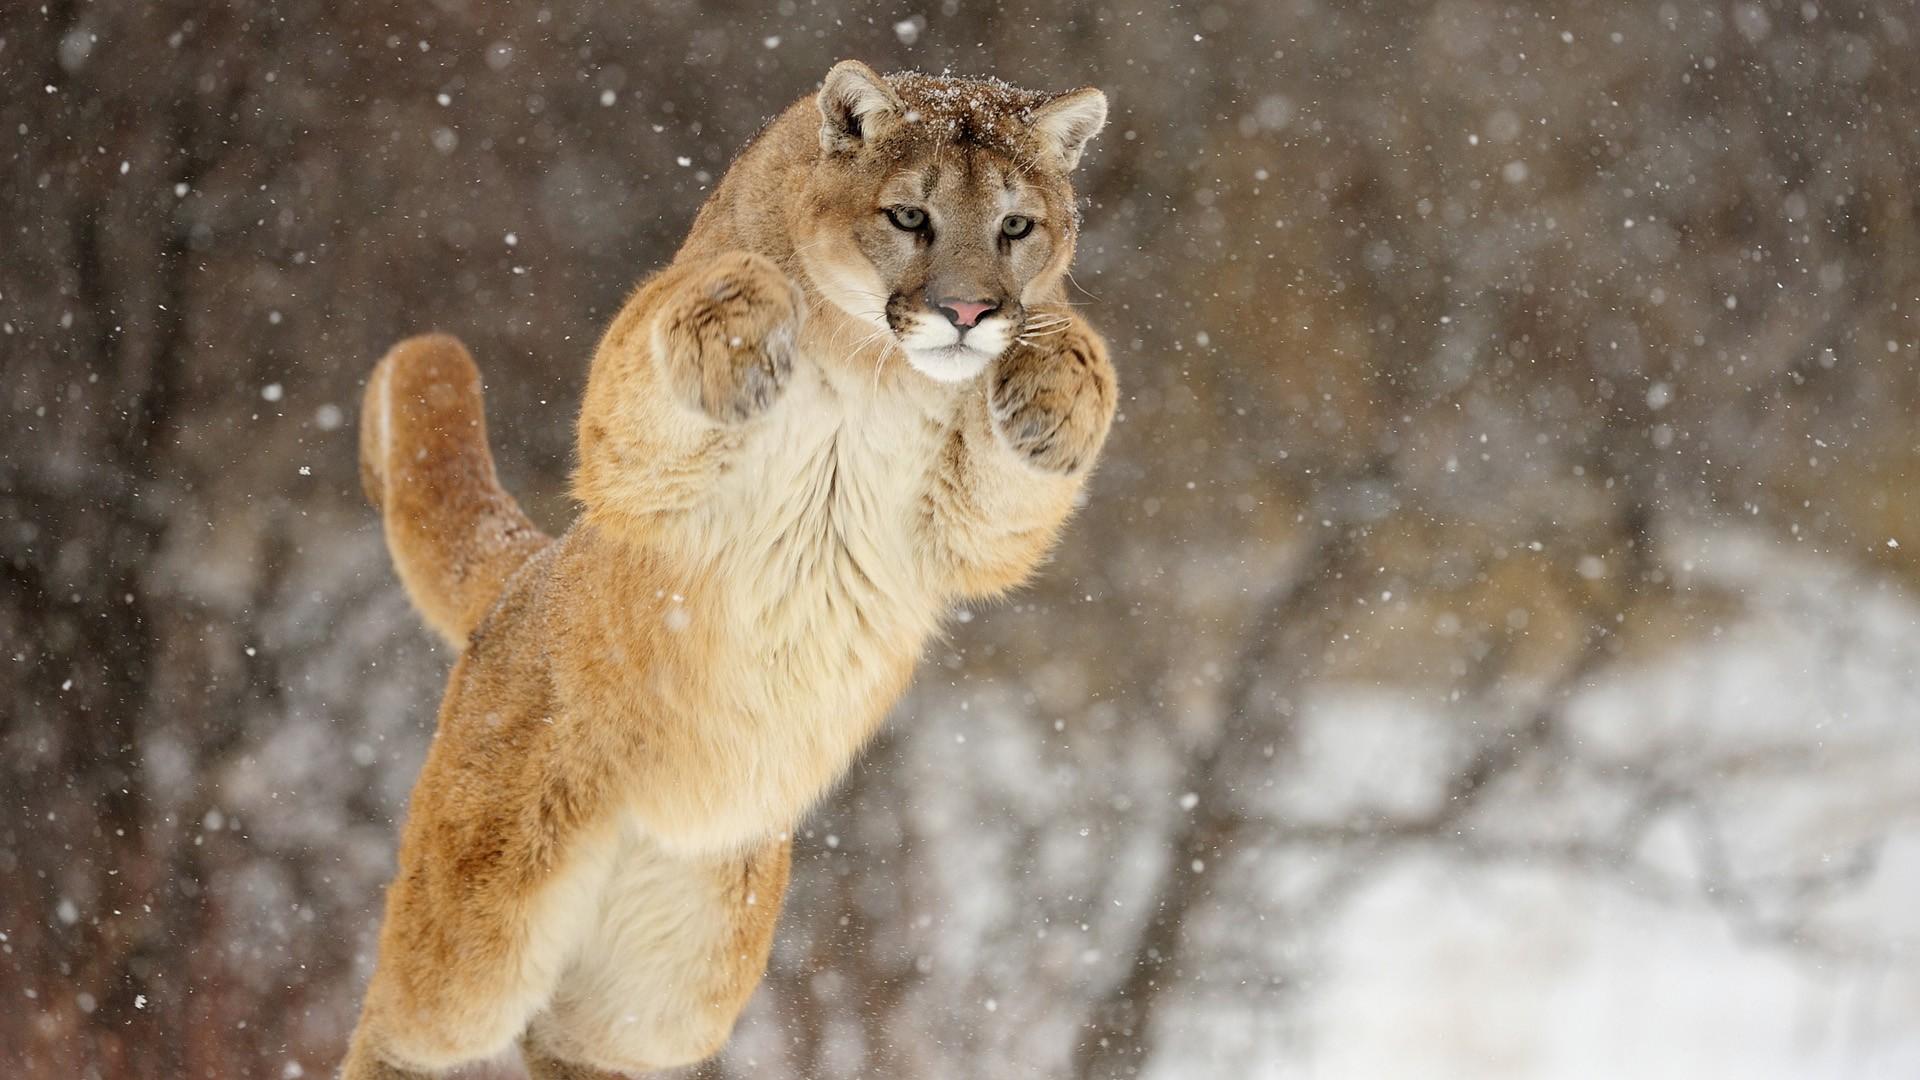 Mountain Lion Widescreen